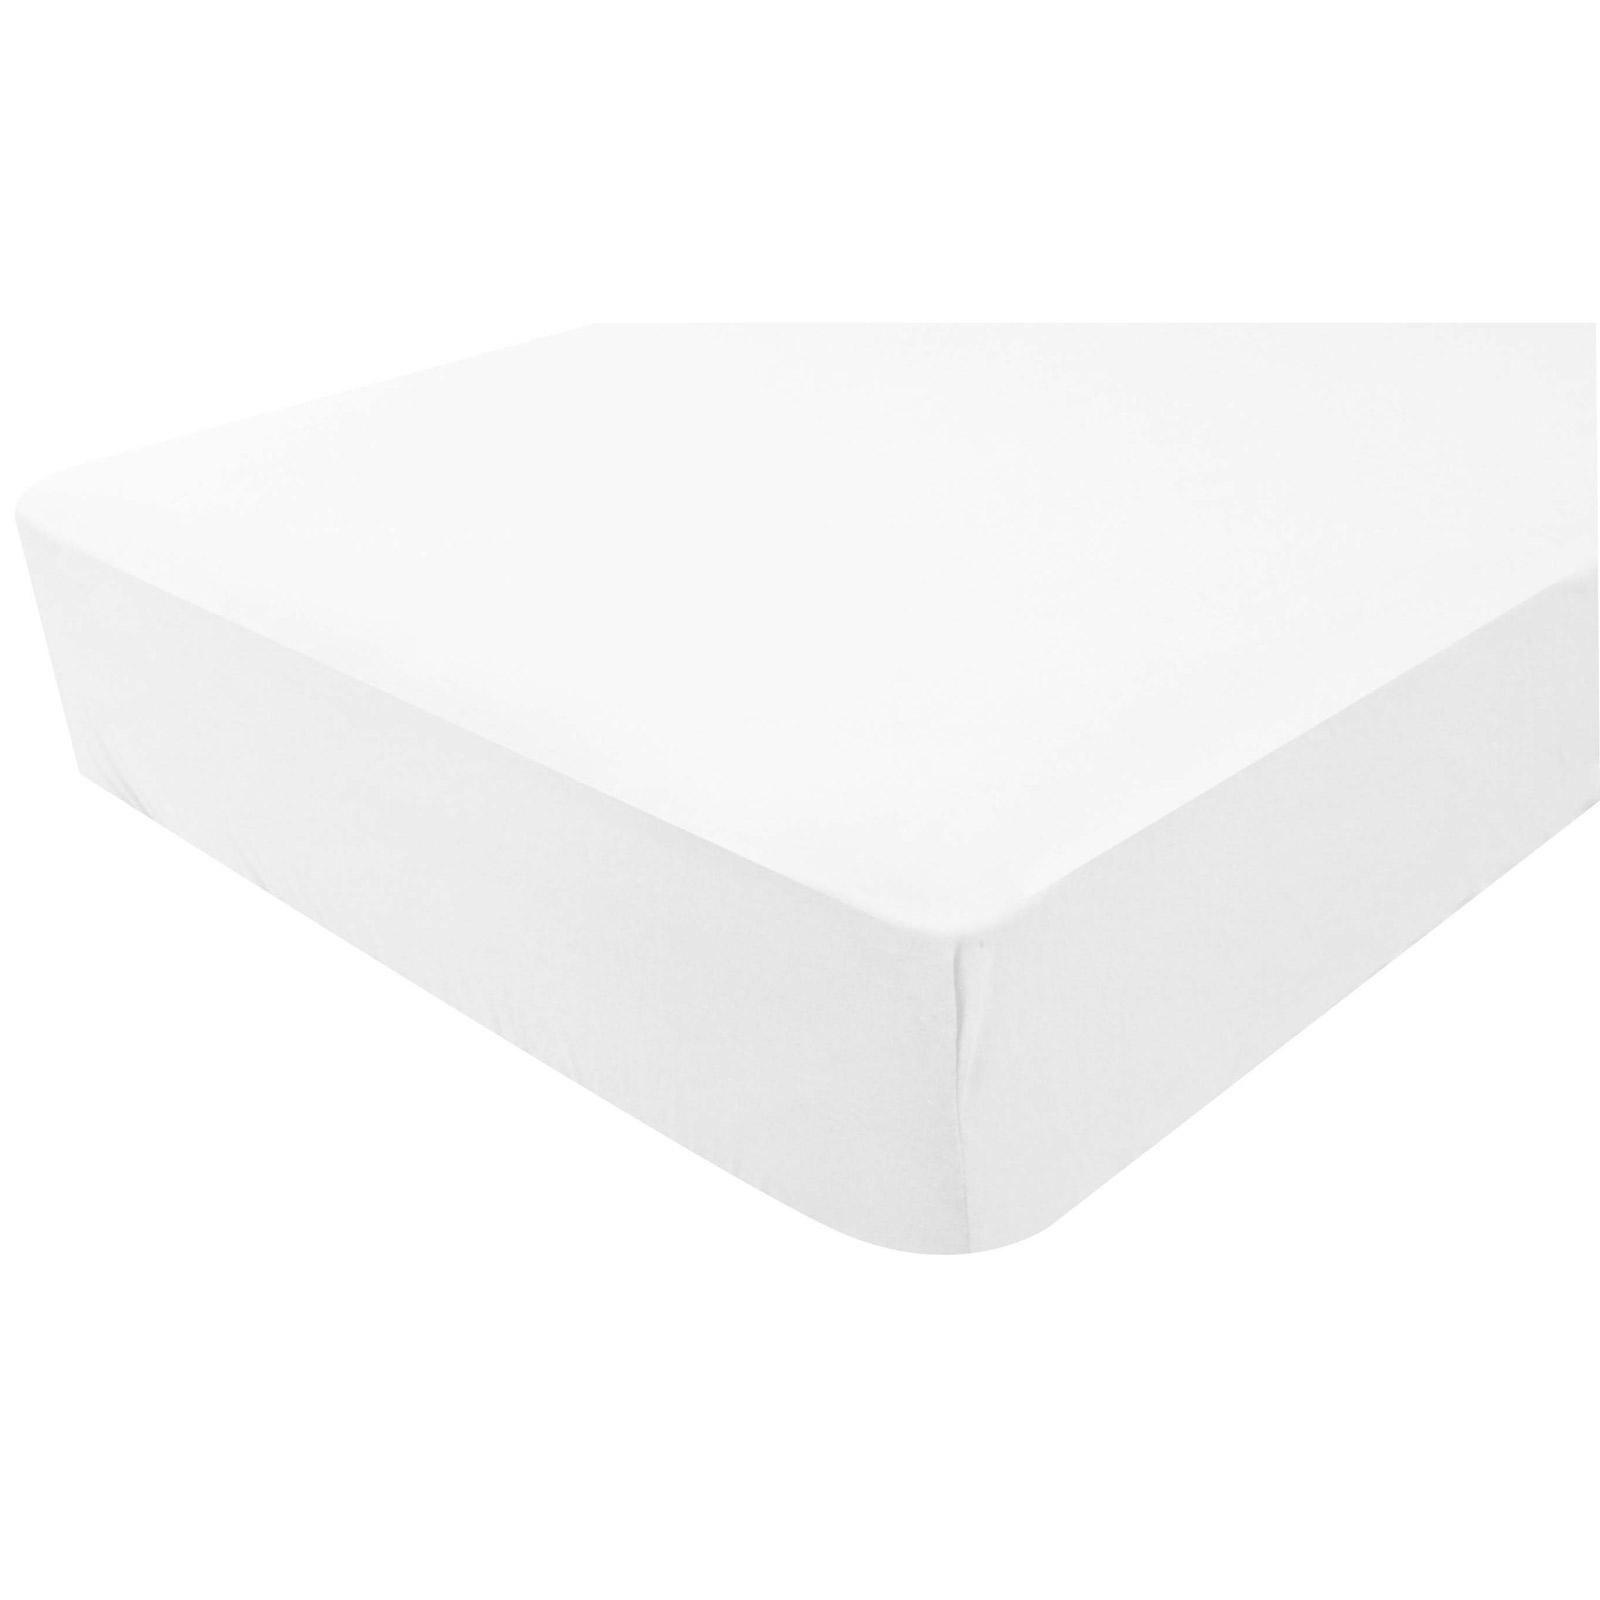 drap housse imperm able blanc doux nid mod le 60x120 cm. Black Bedroom Furniture Sets. Home Design Ideas